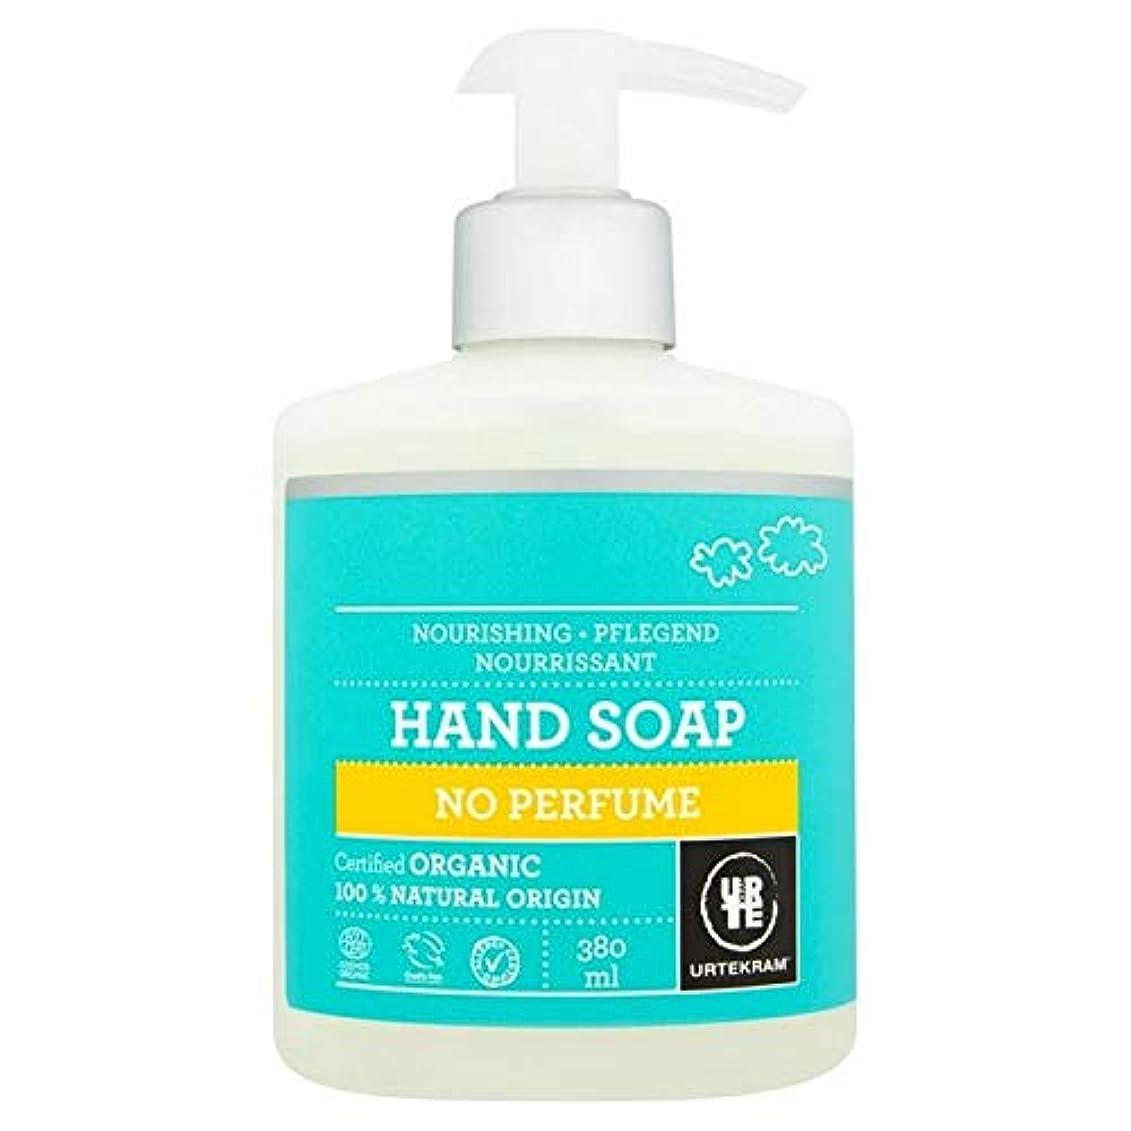 高価な代表団中毒[Urtekram] 何の香水、液体ハンドソープ380ミリリットルをUrtekramありません - Urtekram No Perfume Liquid Hand Soap 380ml [並行輸入品]